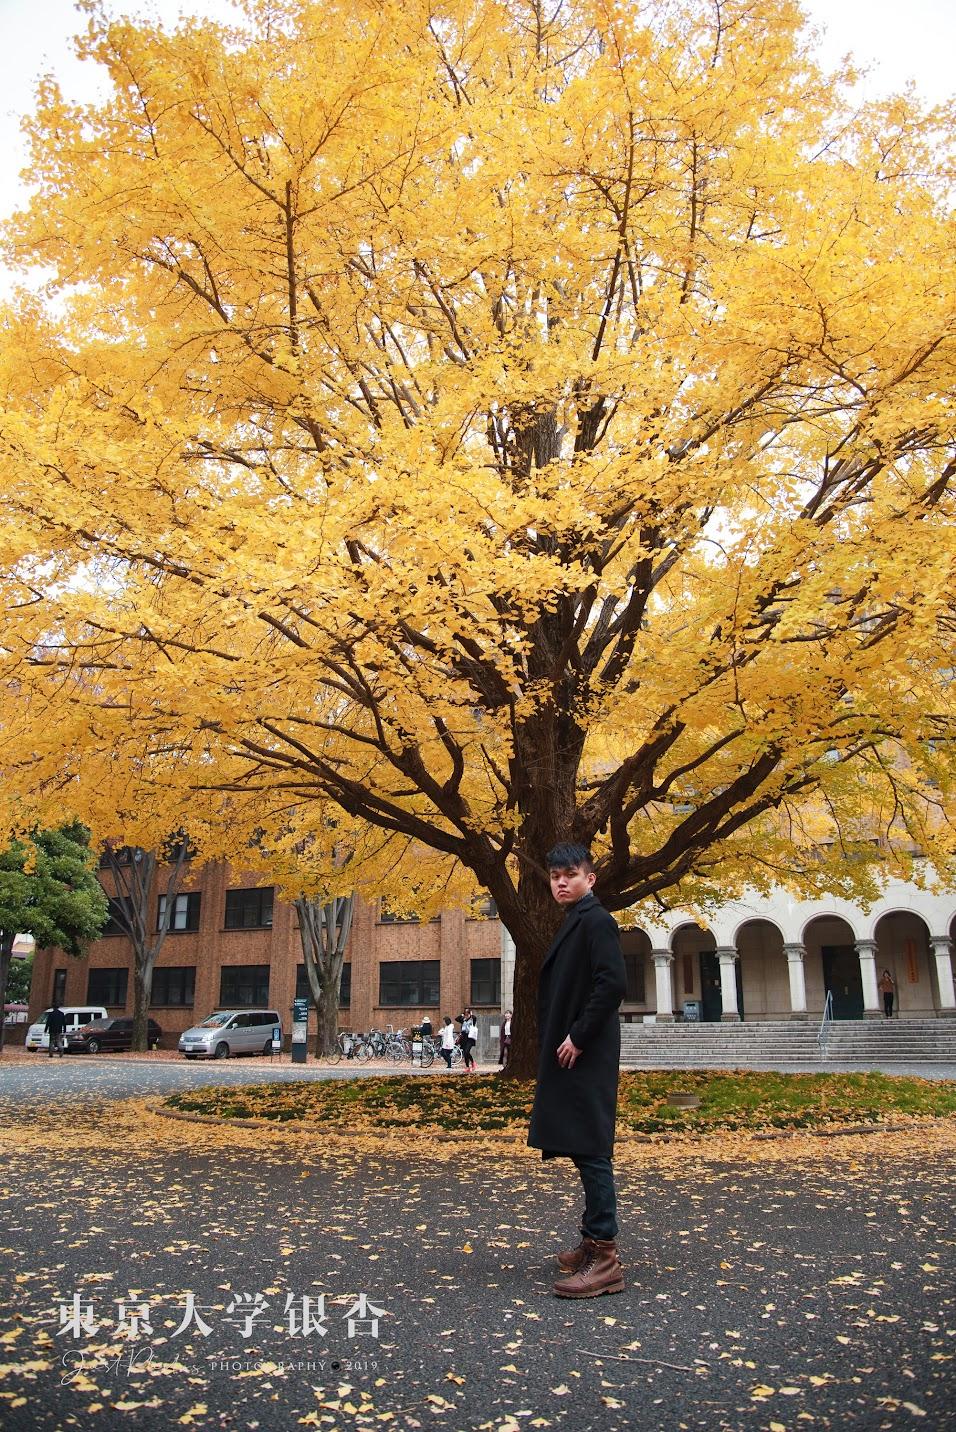 在這麼壯觀的銀杏下當然要假掰的來一張韓系的照片。